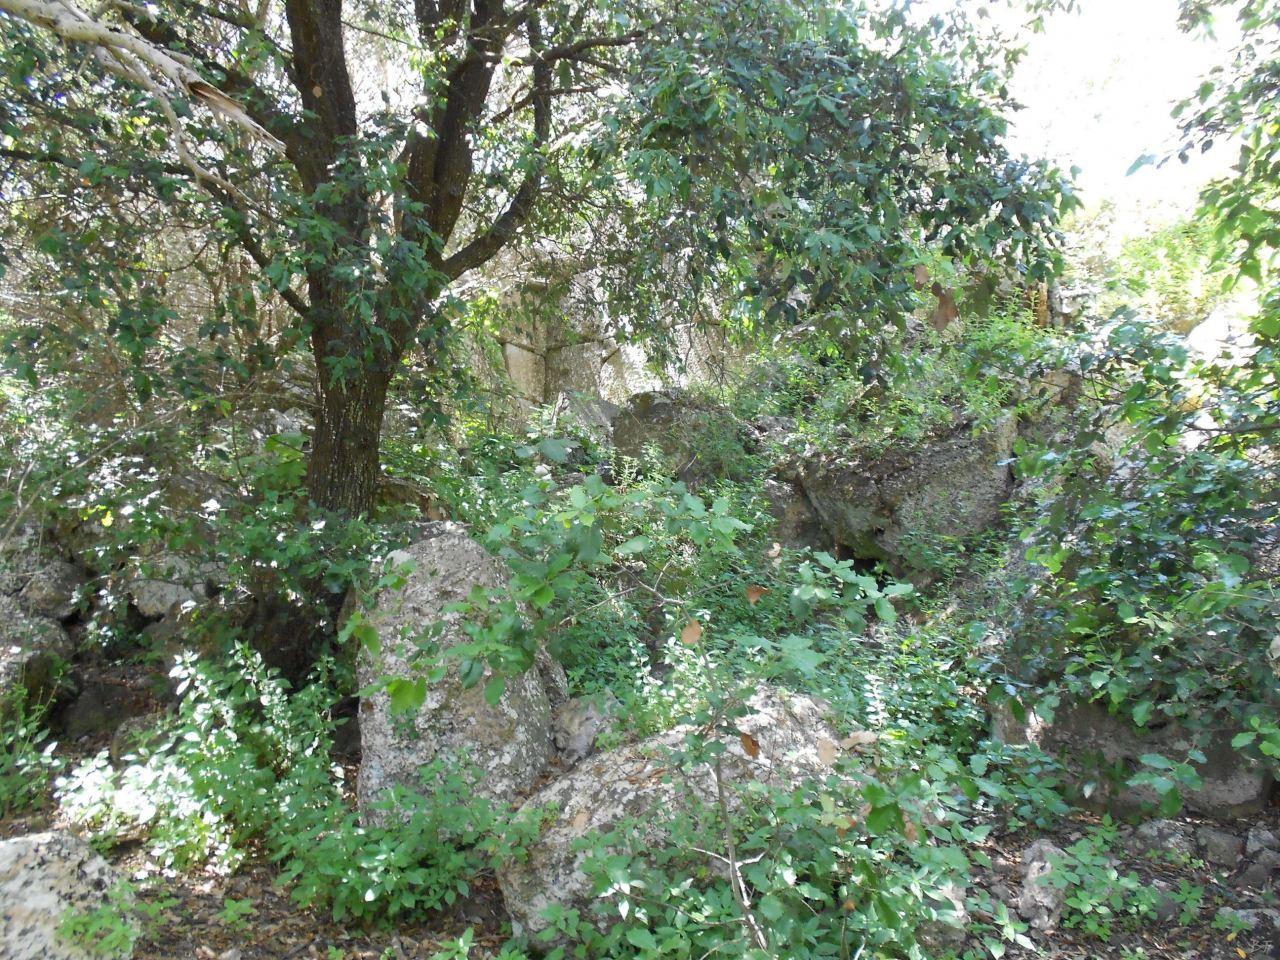 Cosa-Mura-Megalitiche-Ansedonia-Grosseto-Toscana-Italia-41